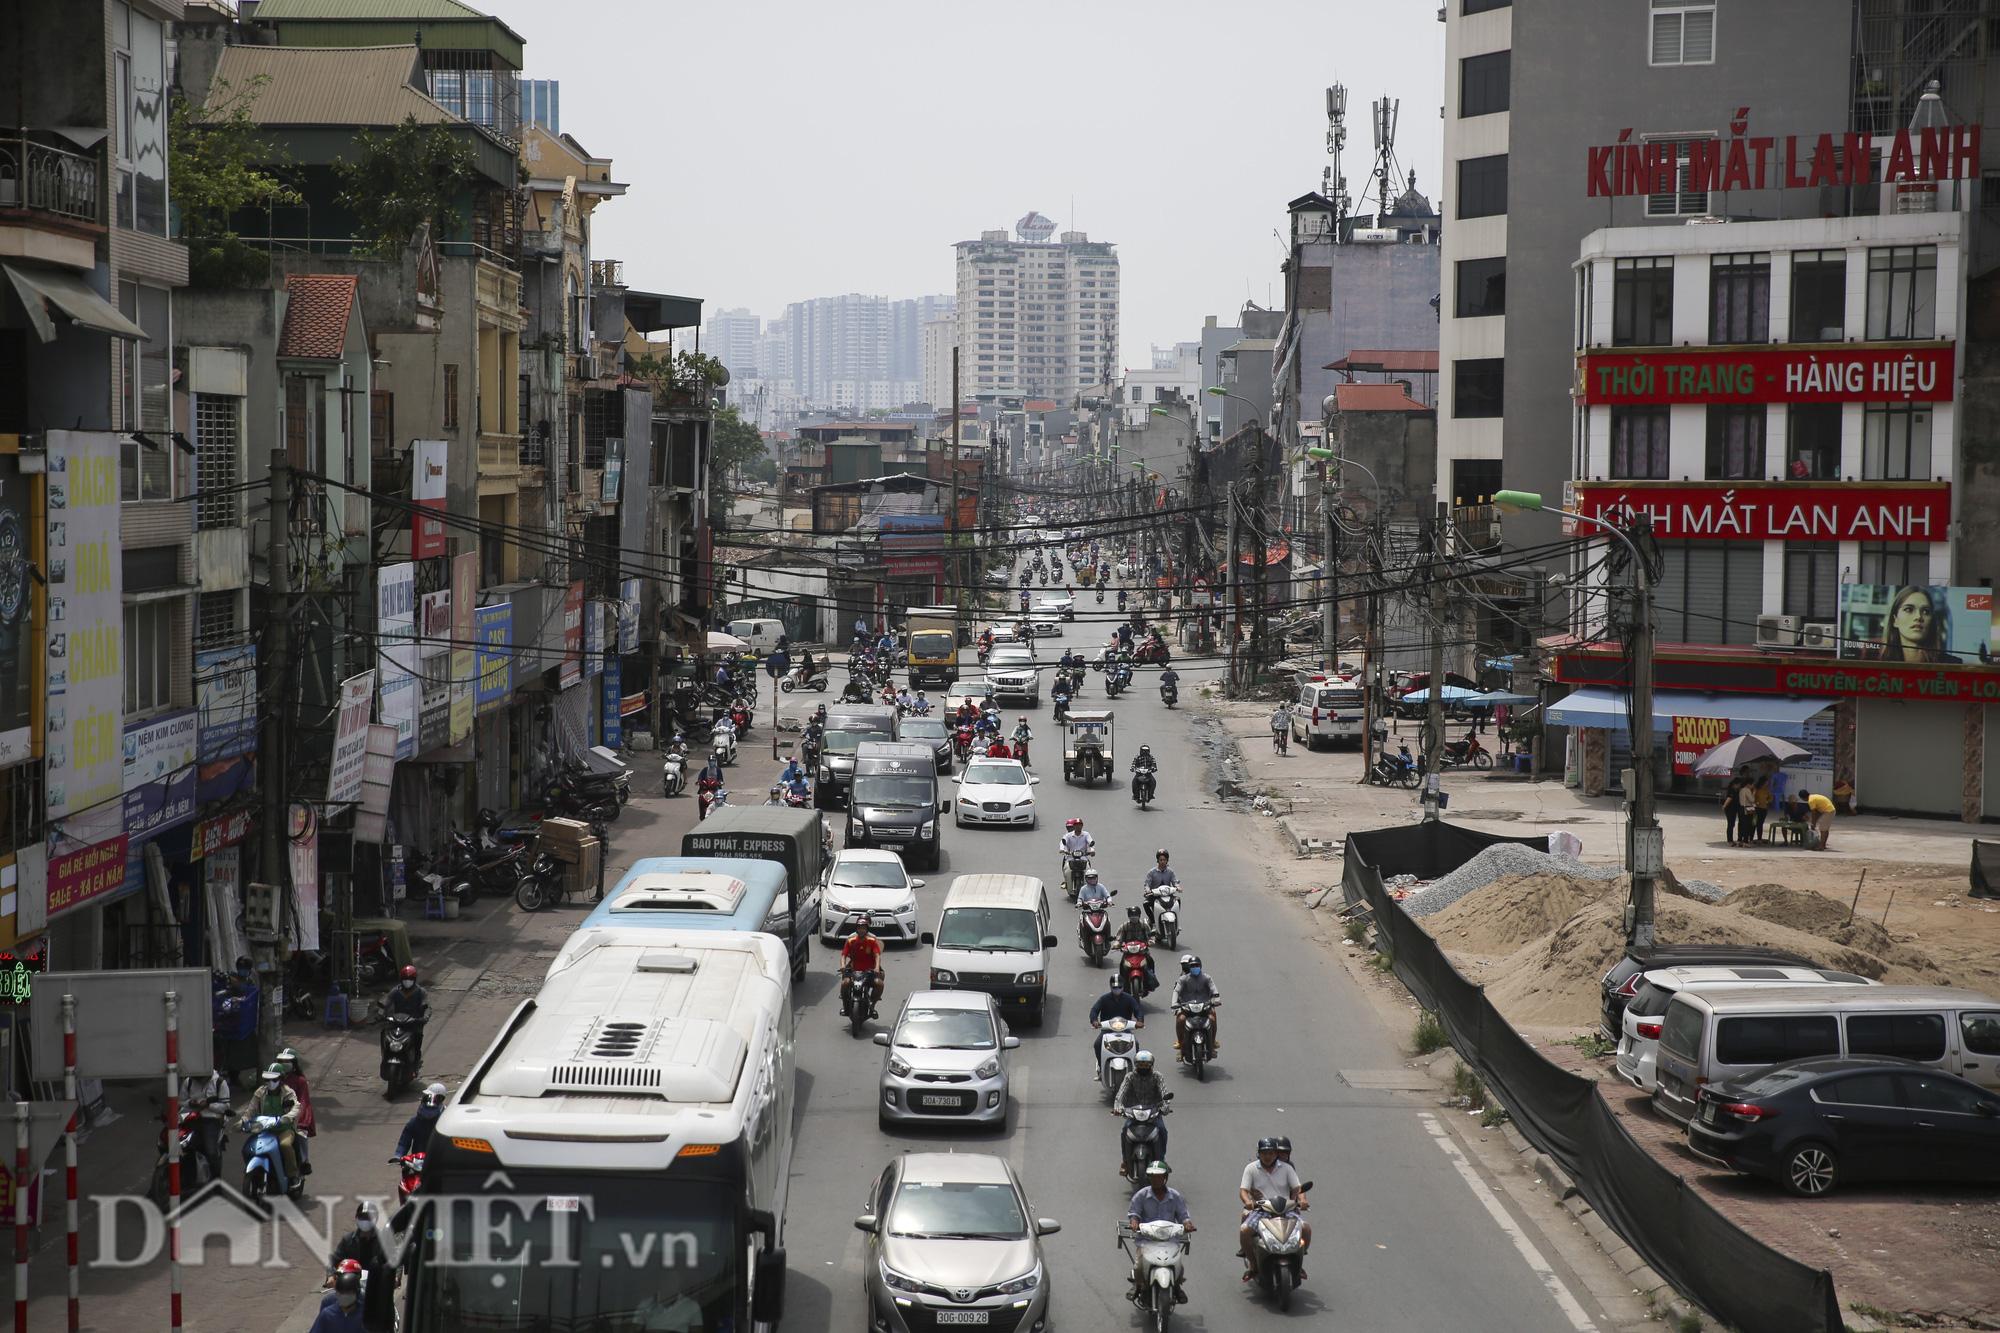 """""""Mạng nhện"""" chằng chịt, bủa vây đường phố Hà Nội - Ảnh 1."""